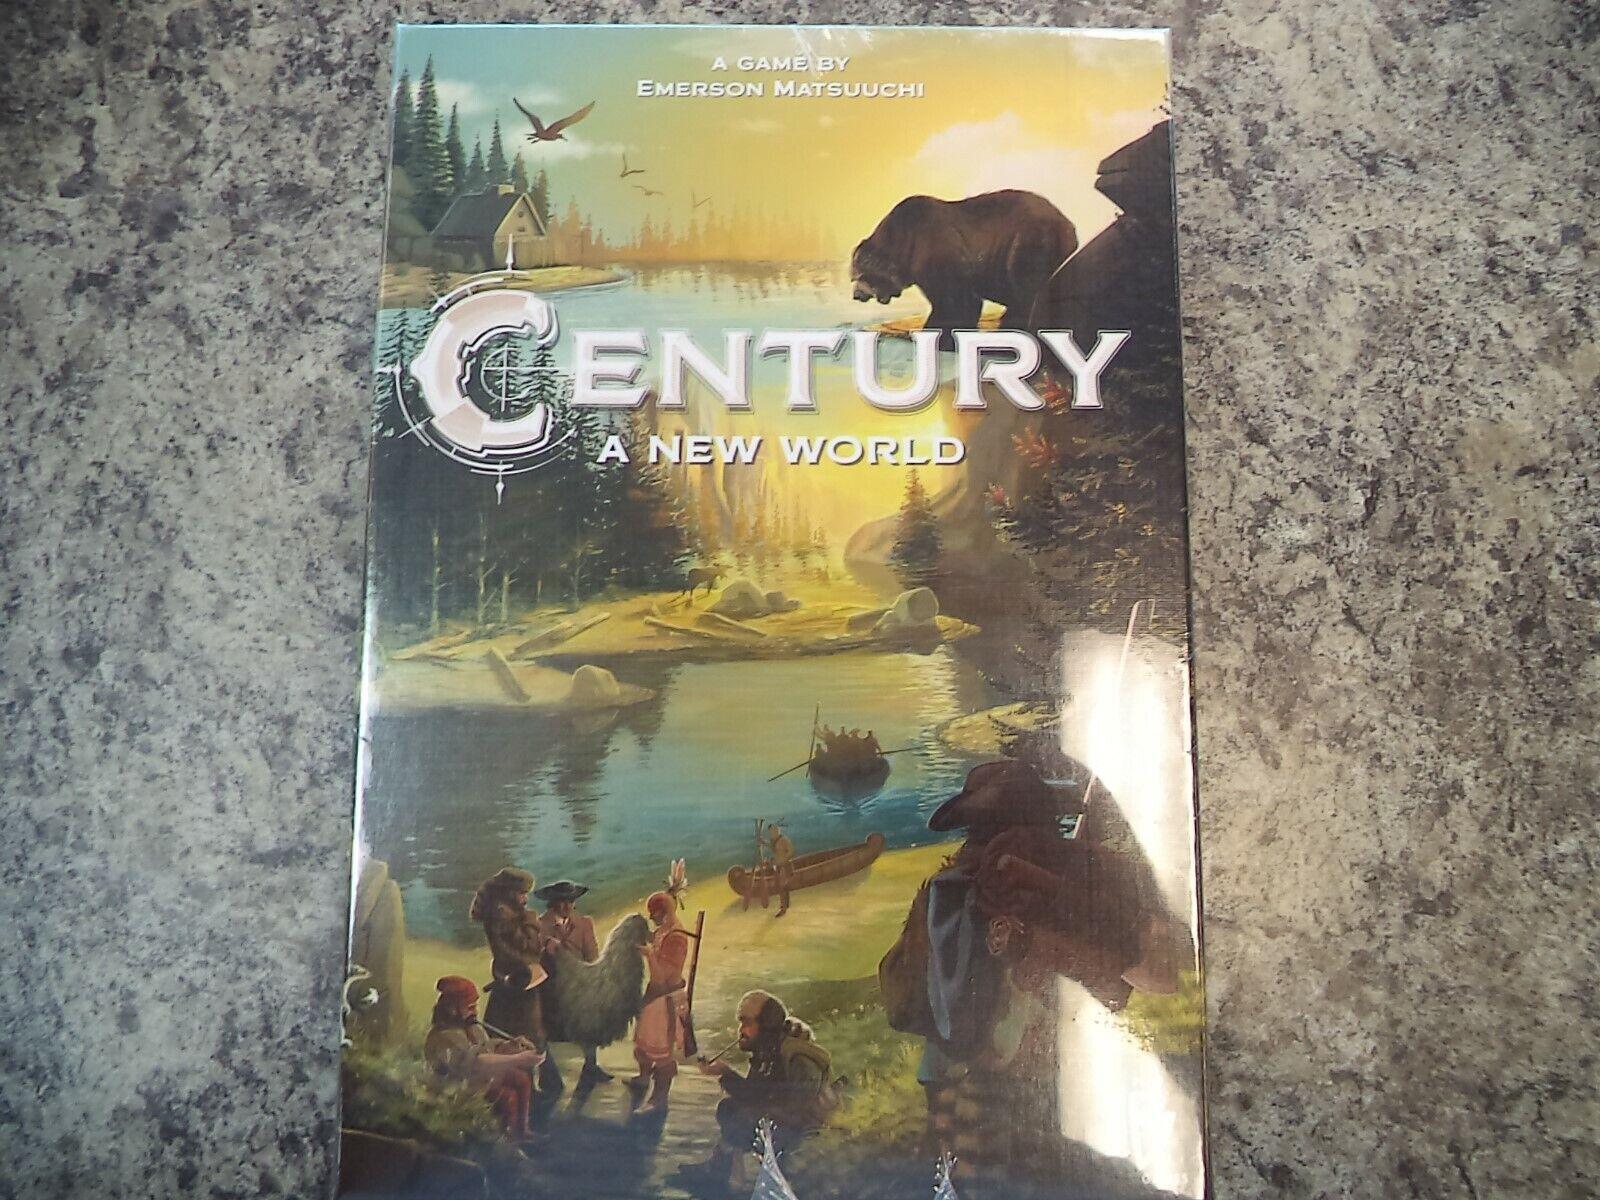 Century A nuovo World - Plan  B giocos tavola gioco nuovo  Spice strada Sequel   vendite online